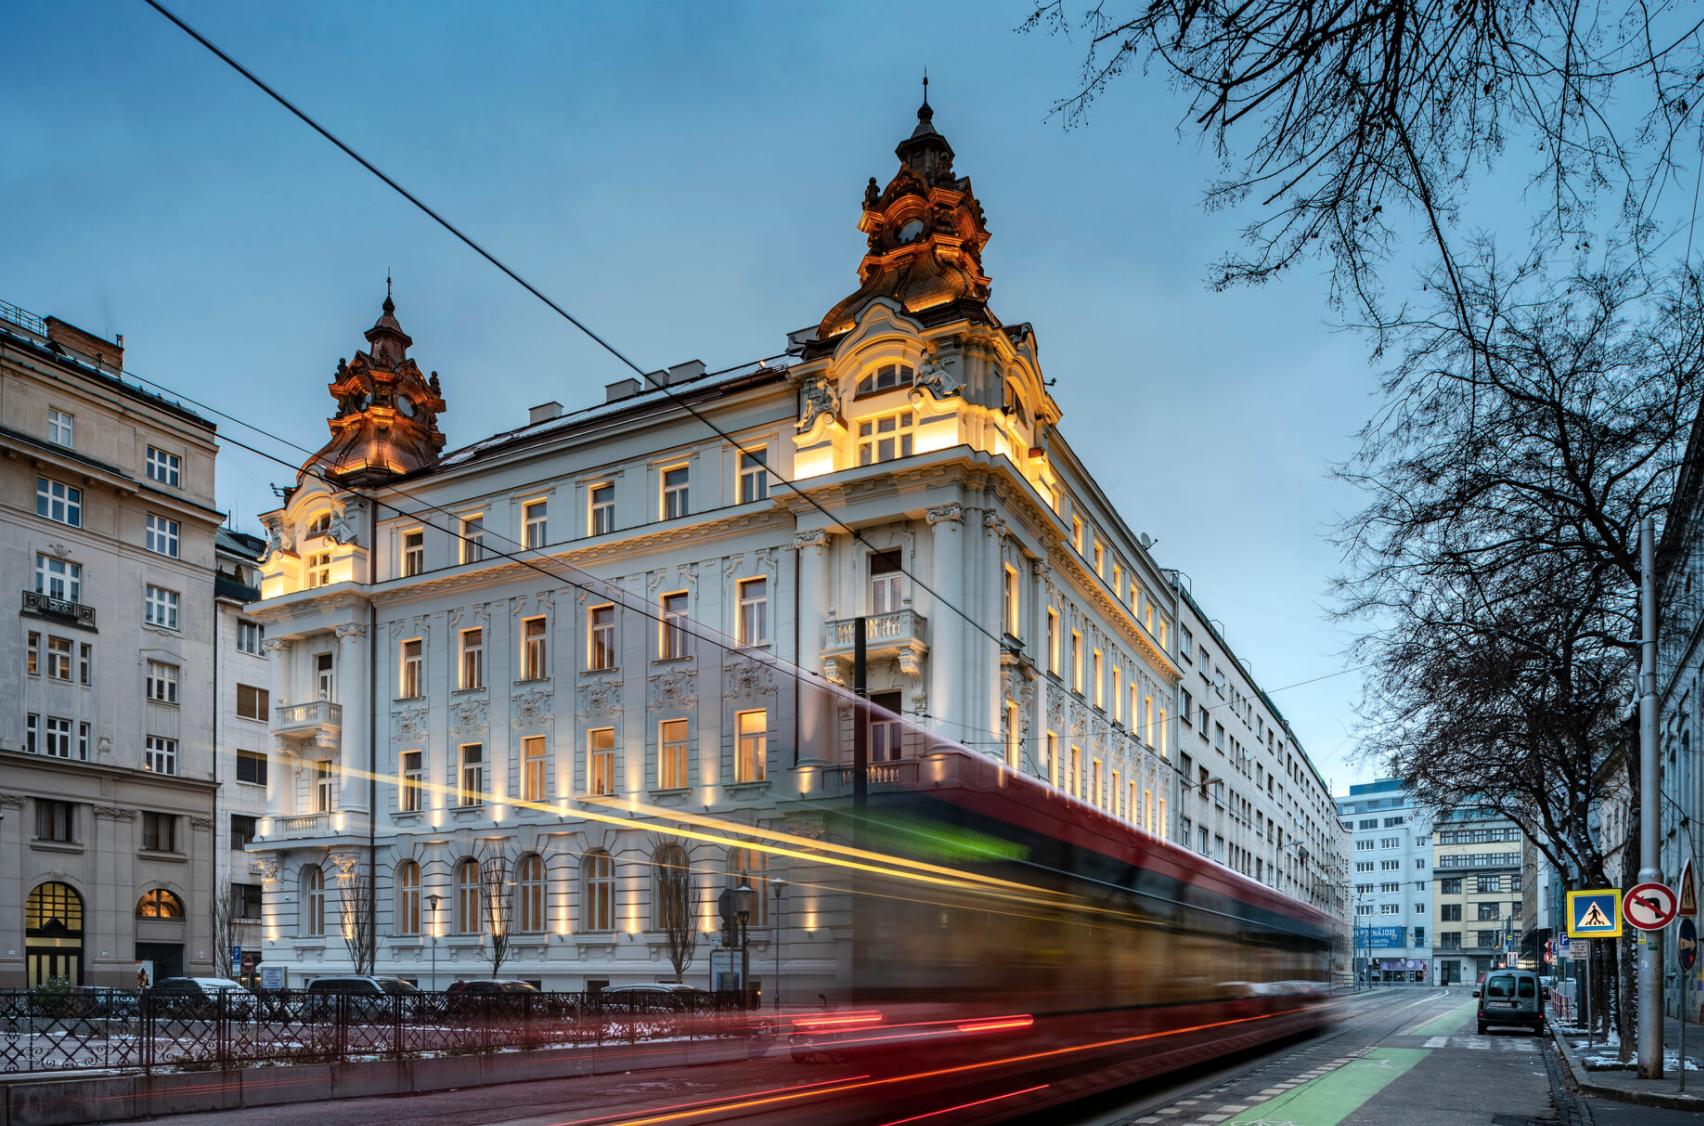 Iroda egy történelmi épületben, Pozsony, Szlovákia